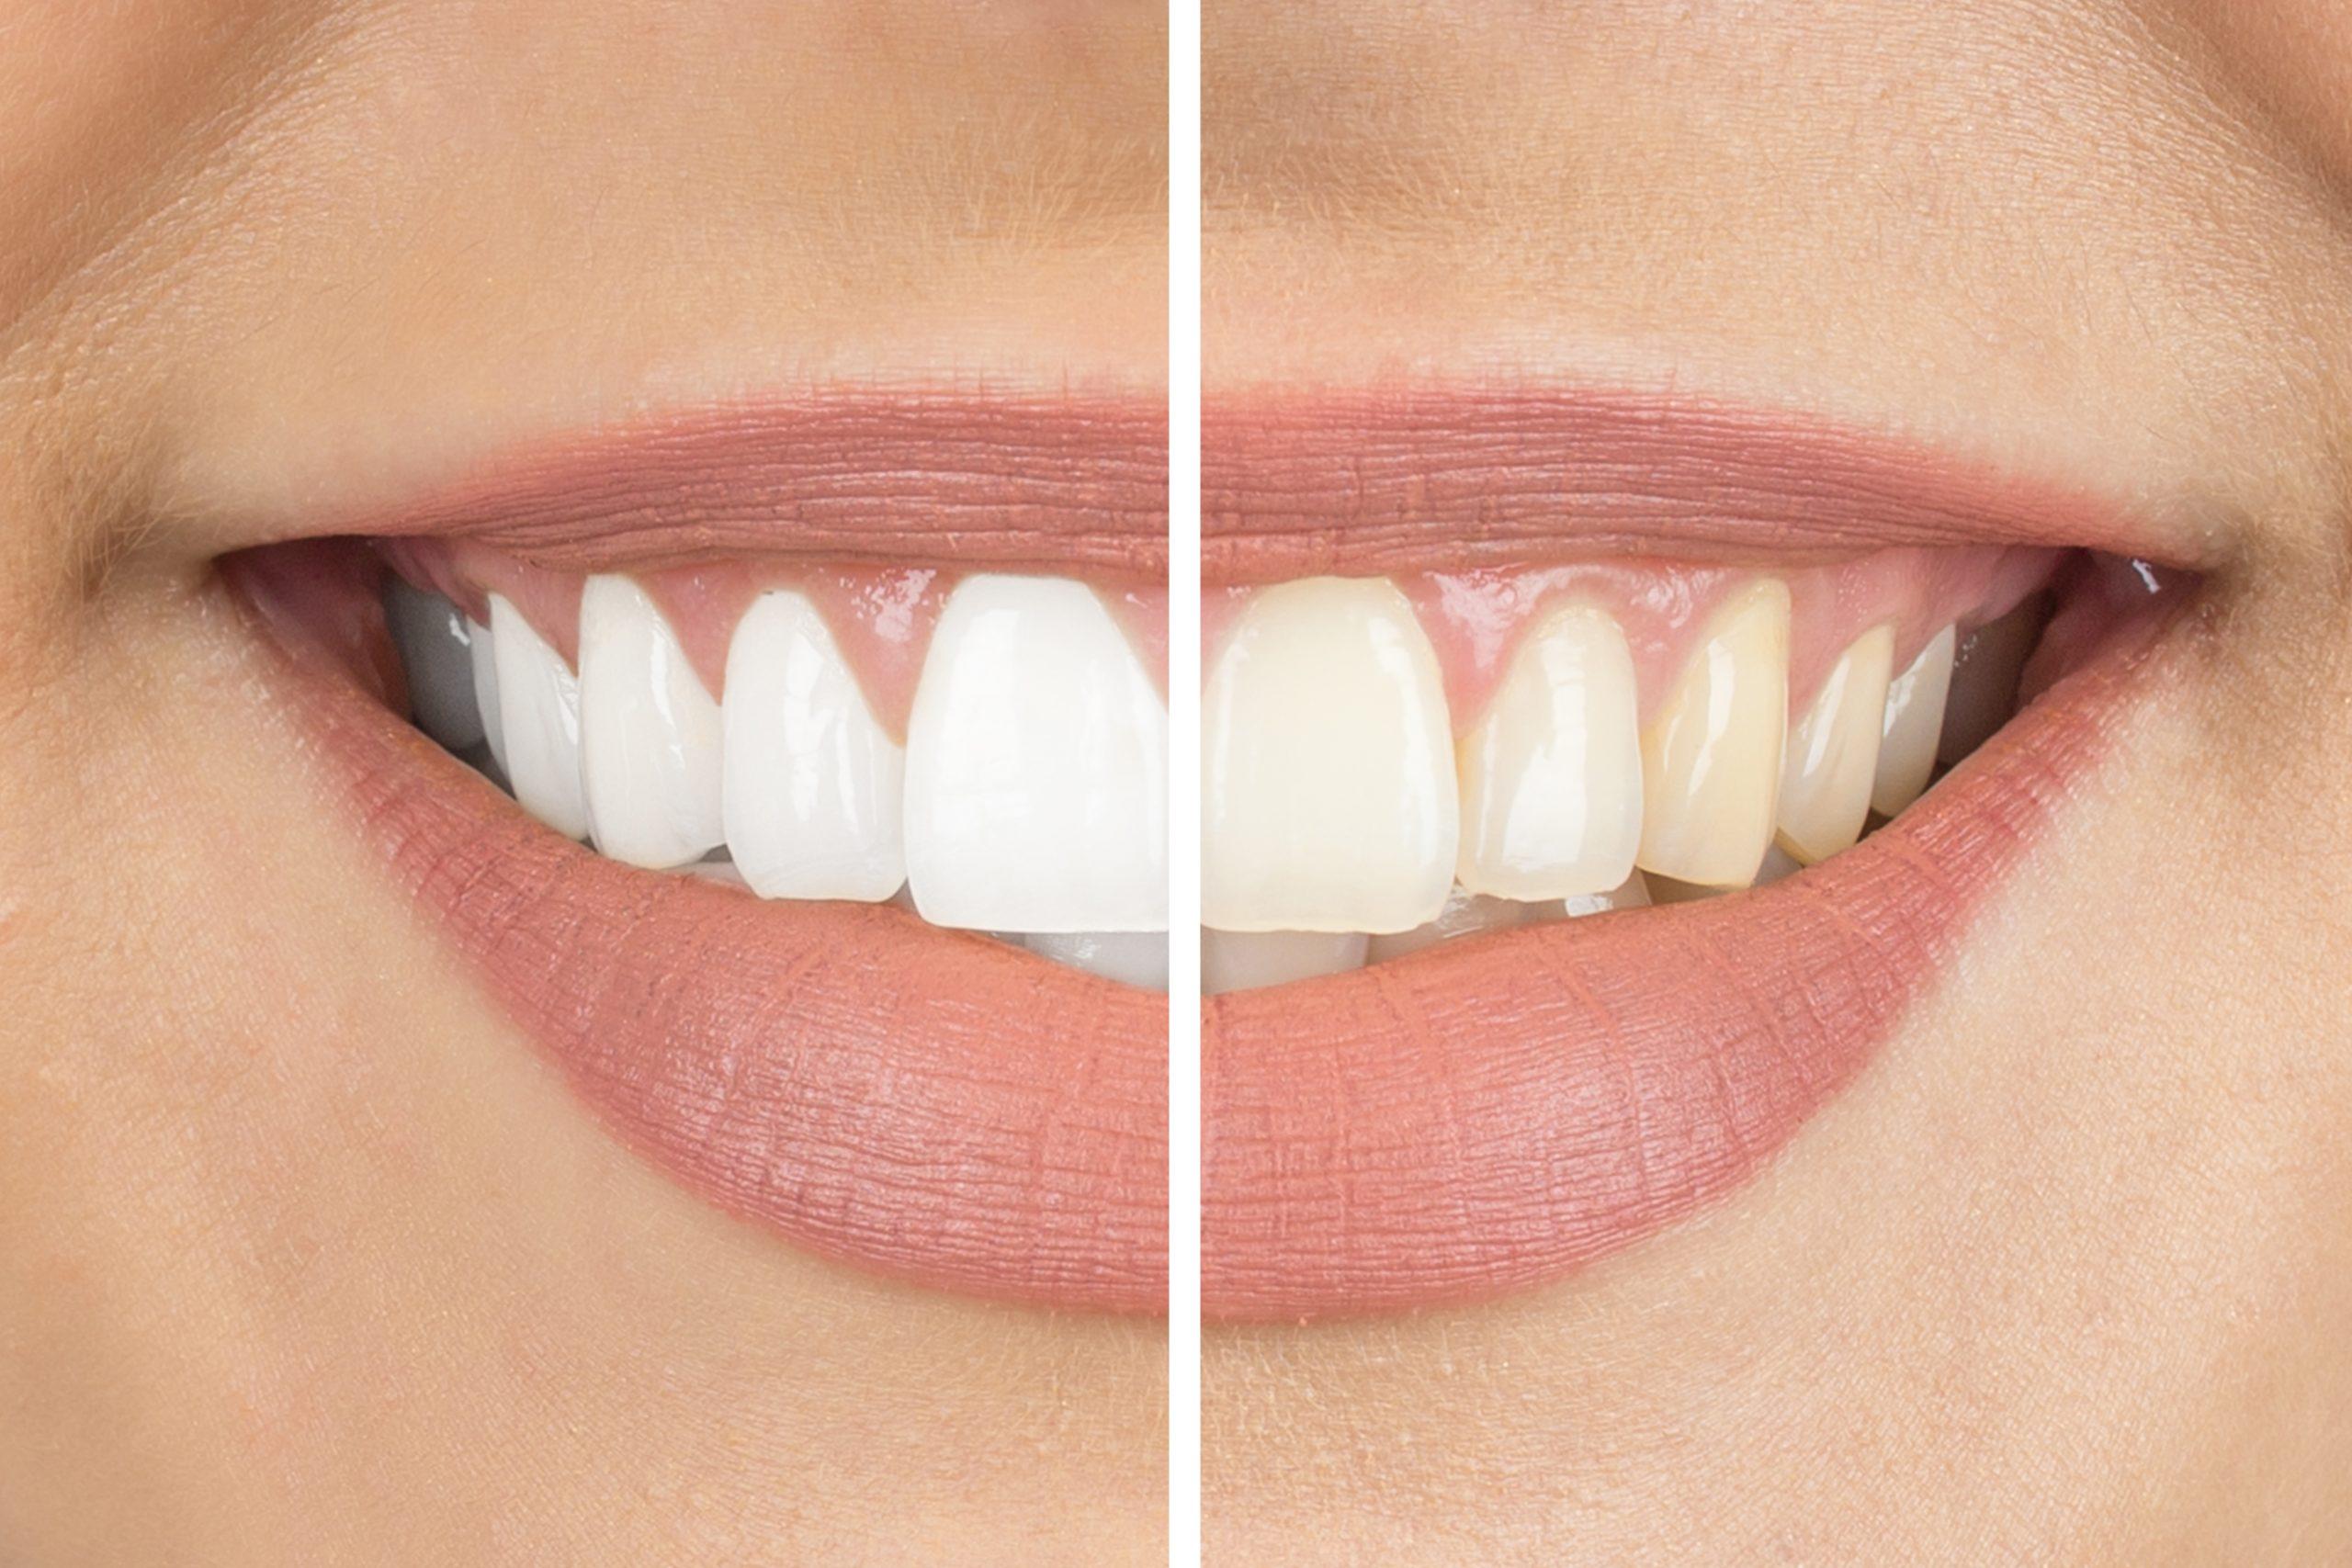 teeth whitening side-by-side